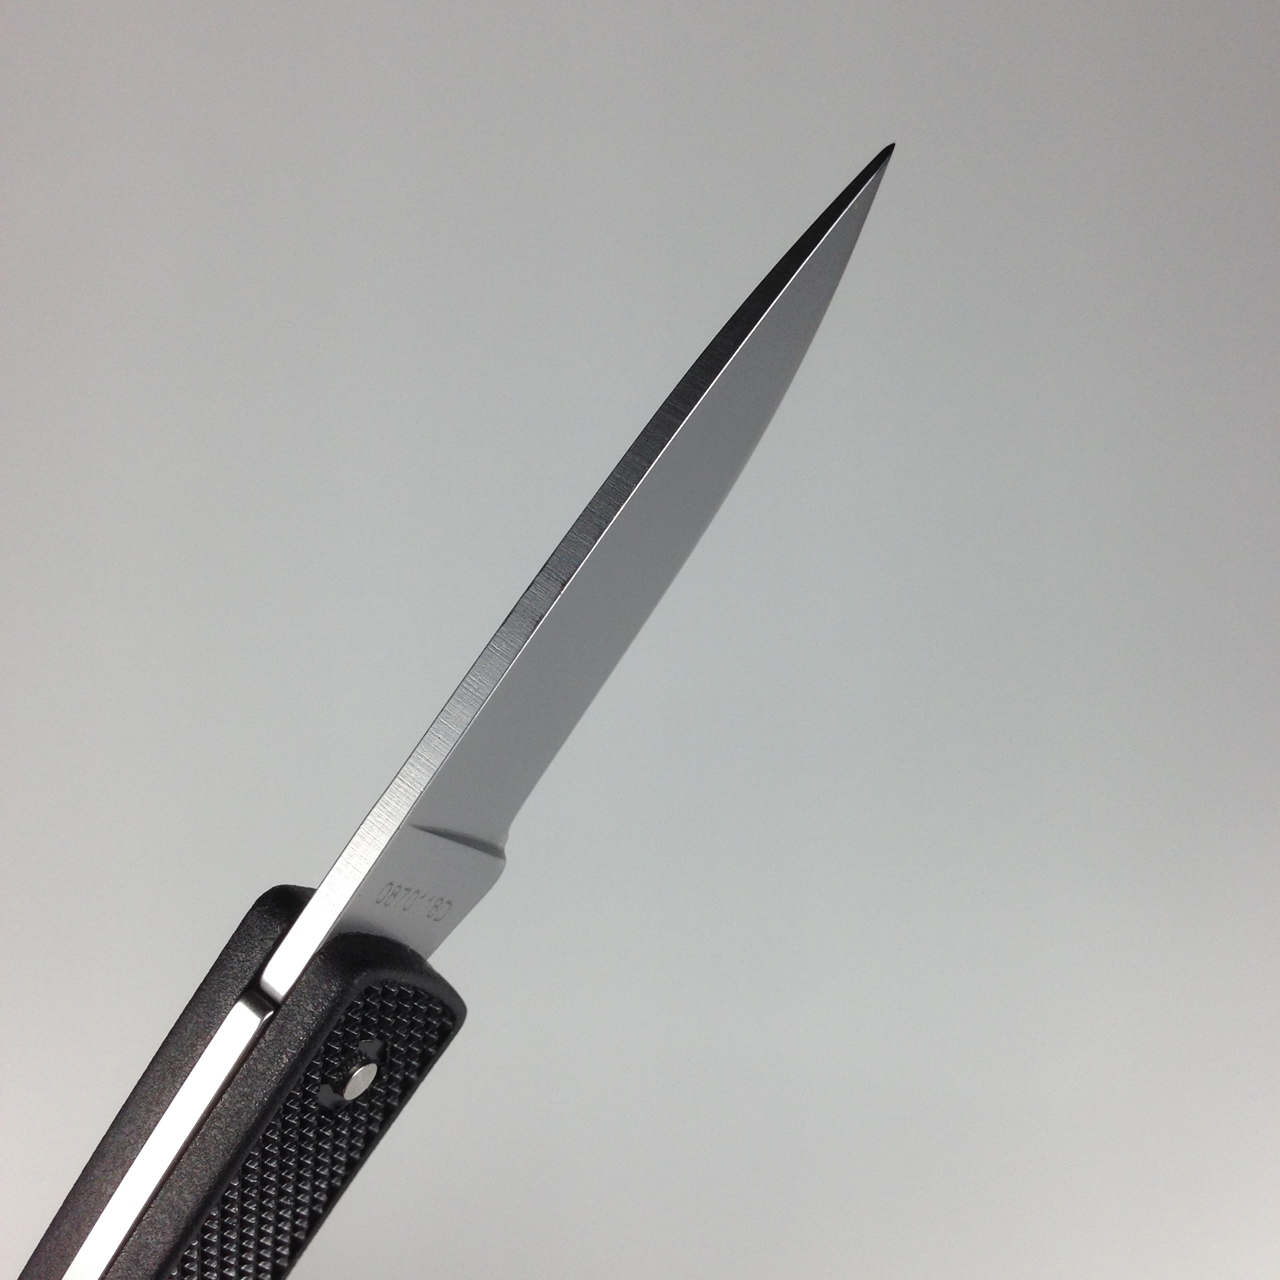 gerber-ultralight-lst-blade.jpg